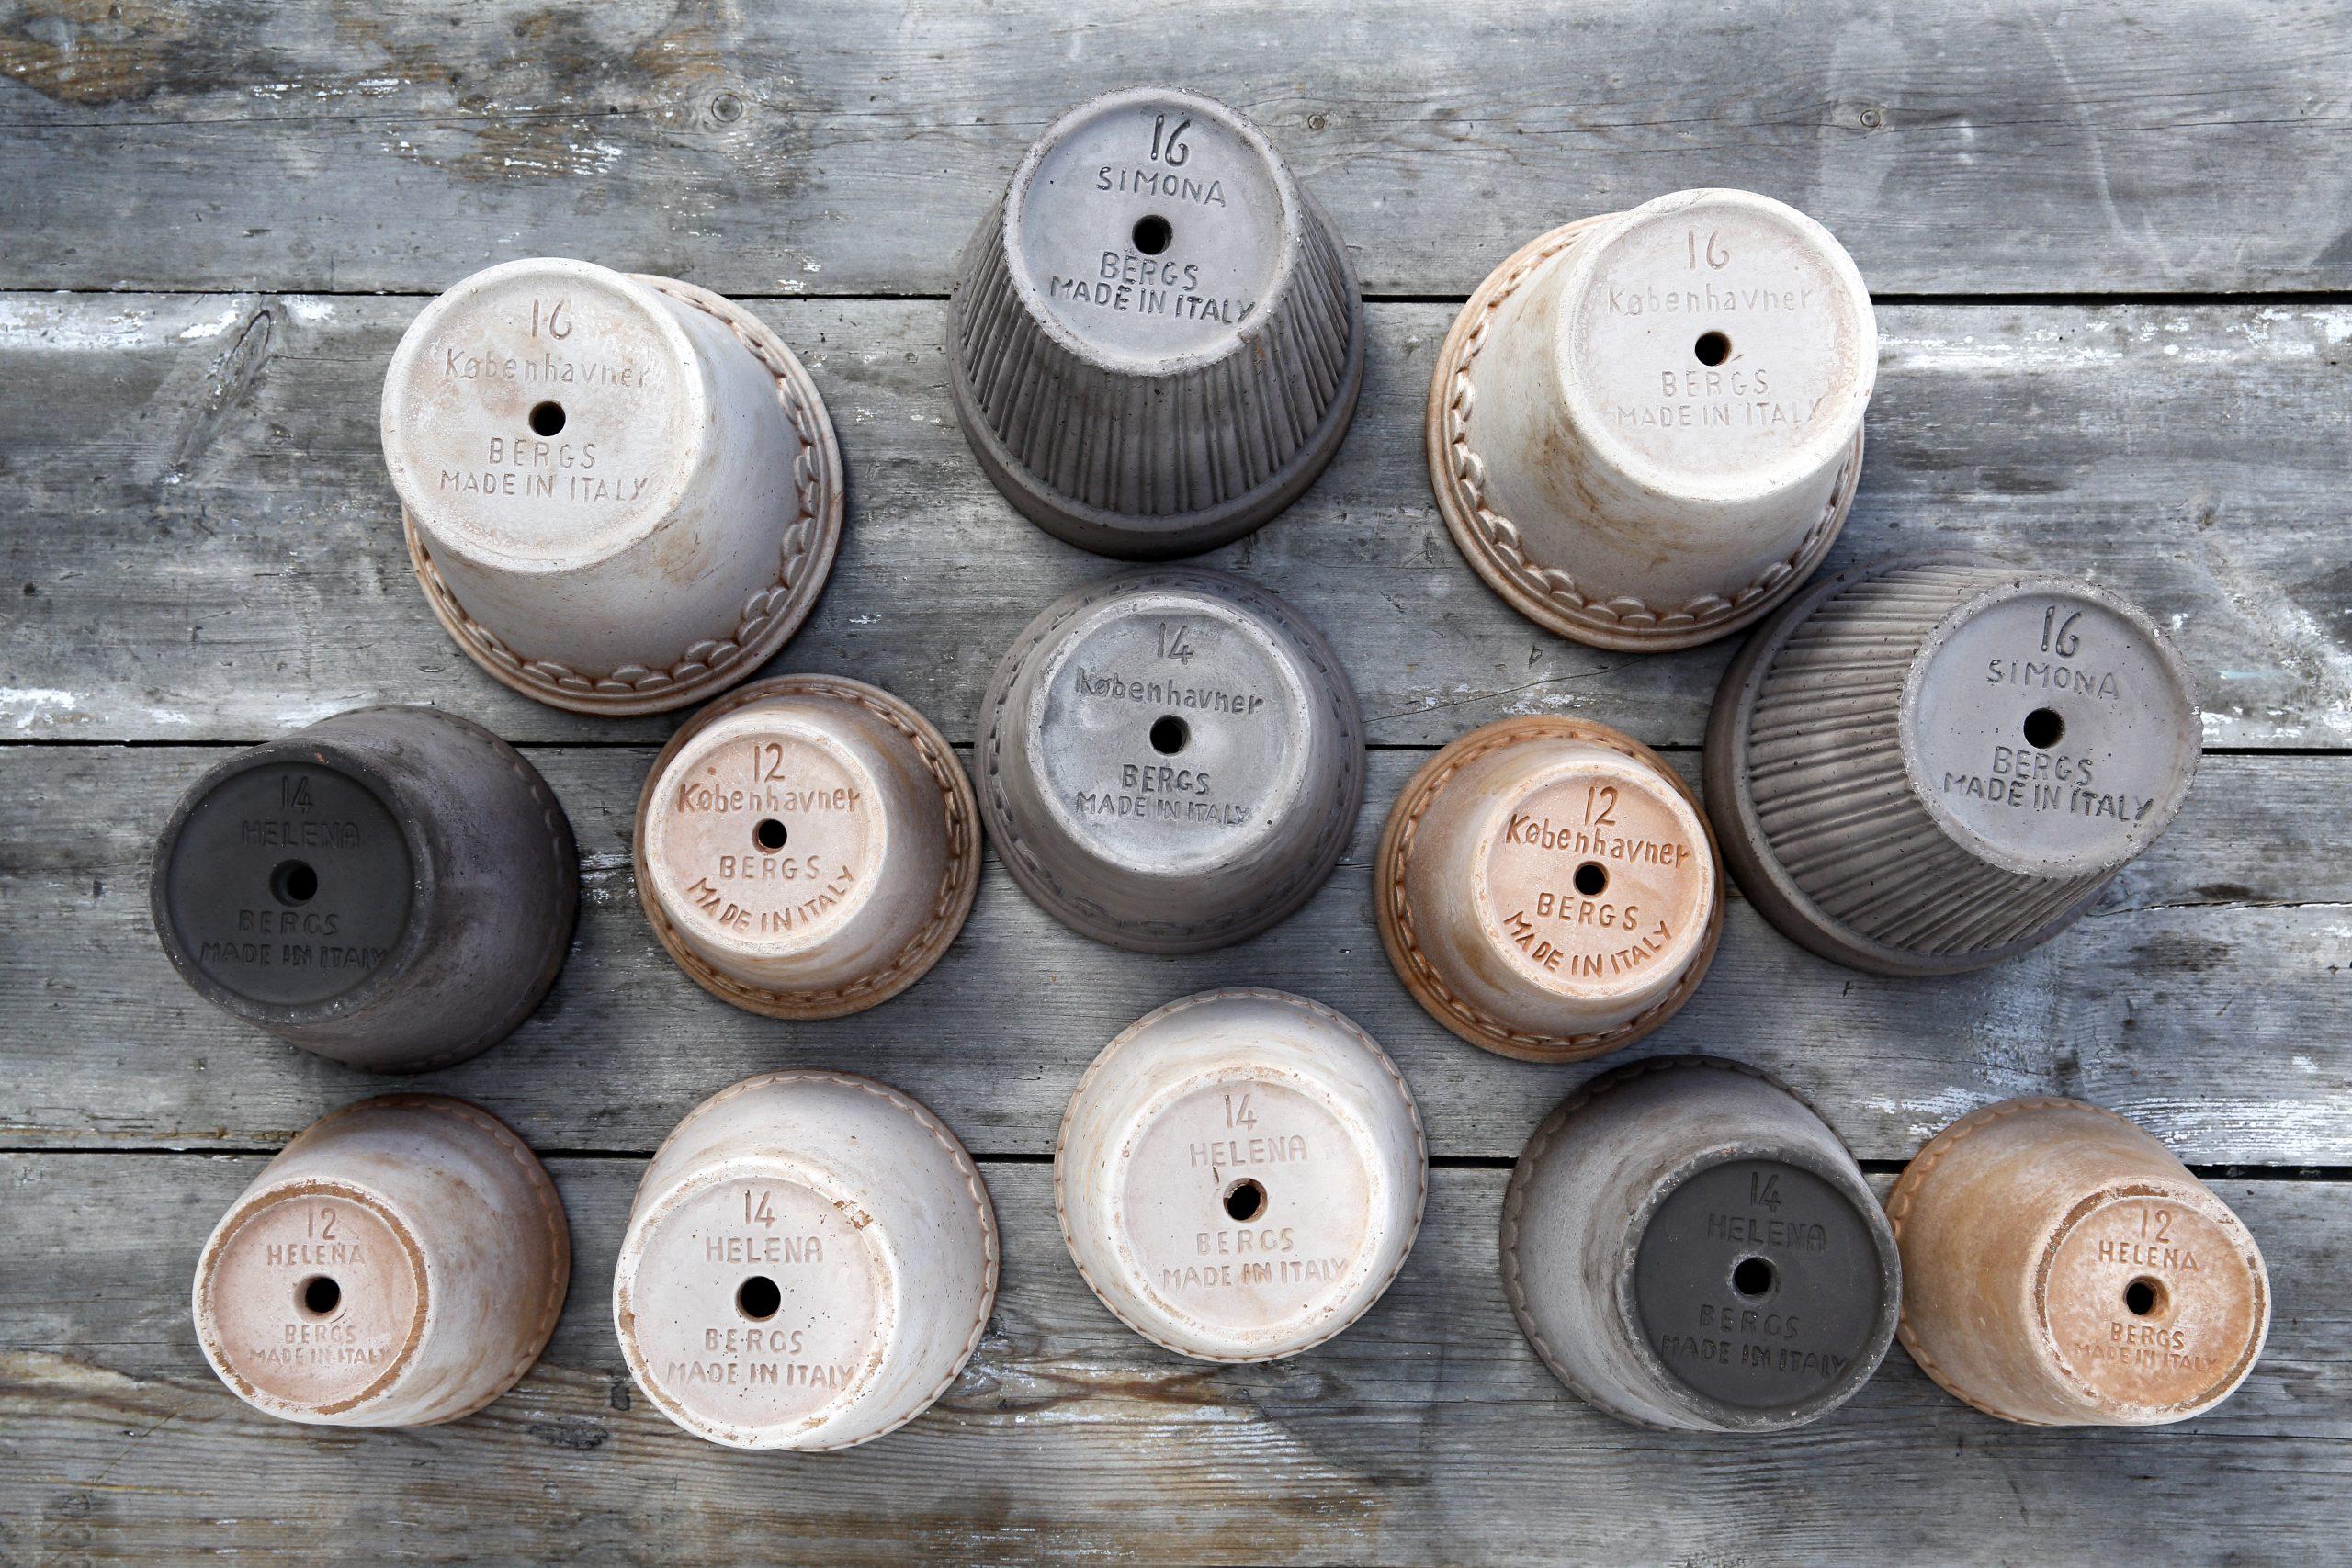 Patinerade krukor – tycke och smak förändras över tid